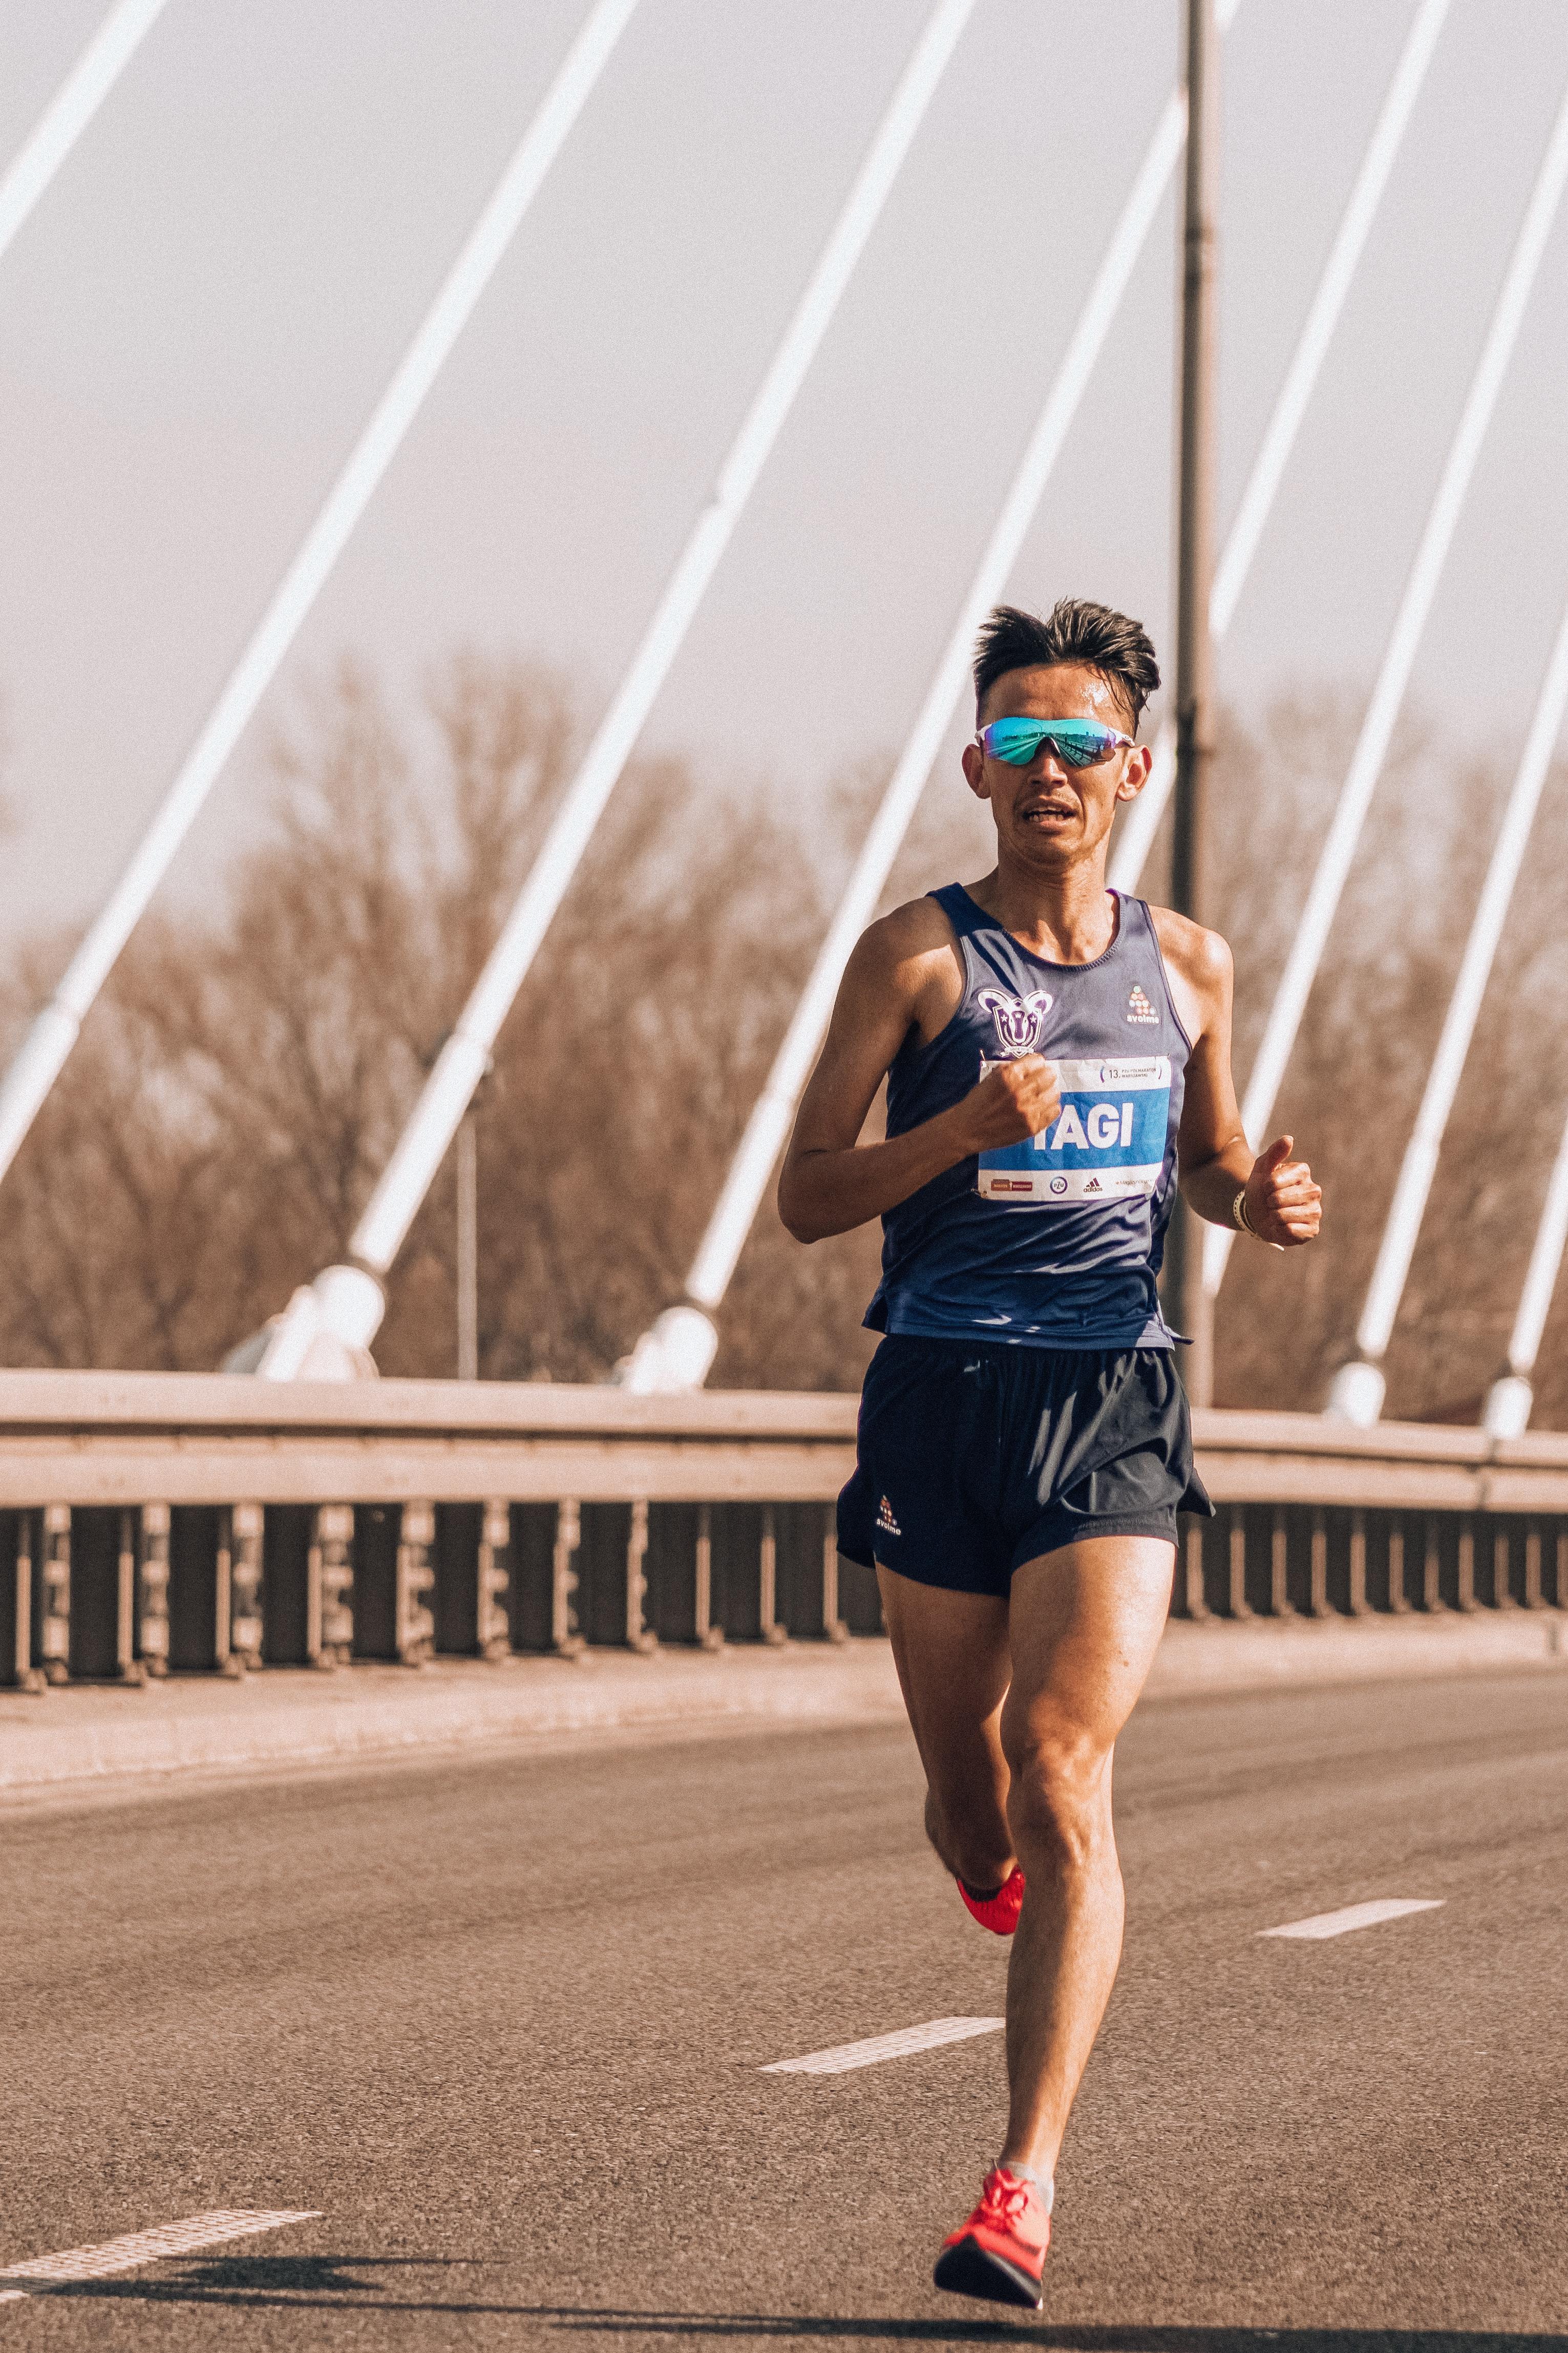 317c07031 akčná aktívny športovec atletický deň rozhodnosť snaha vytrvalosť muž  maratón pohyb vonku človek preteky beh bežec